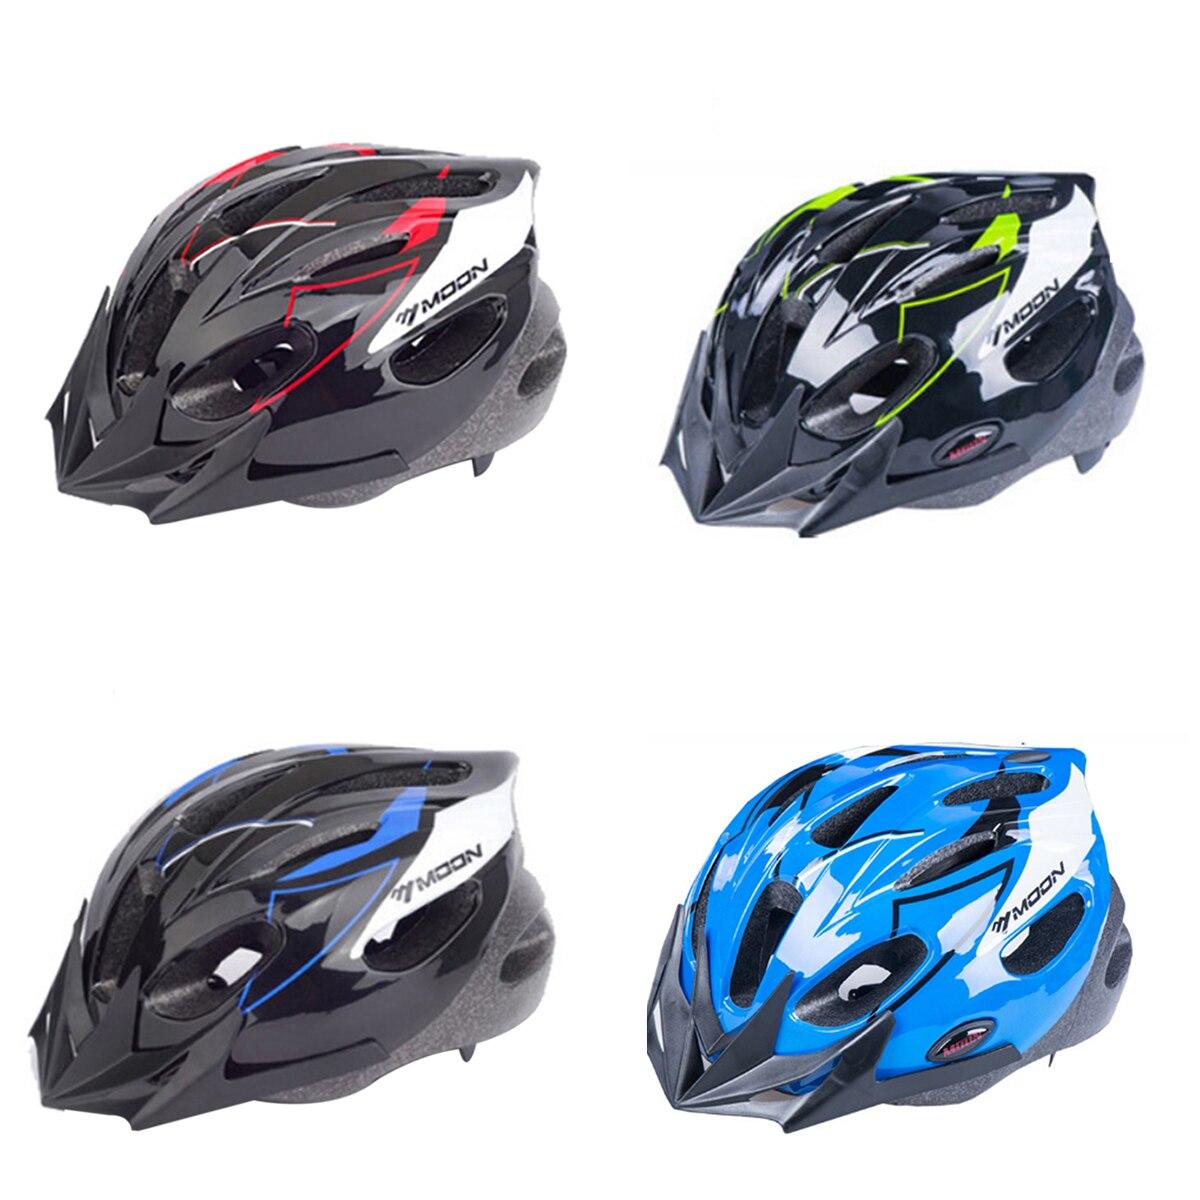 Детский велосипедный шлем, Детский многофункциональный регулируемый шлем для девочек и мальчиков, защитное снаряжение, Молодежные велосип...